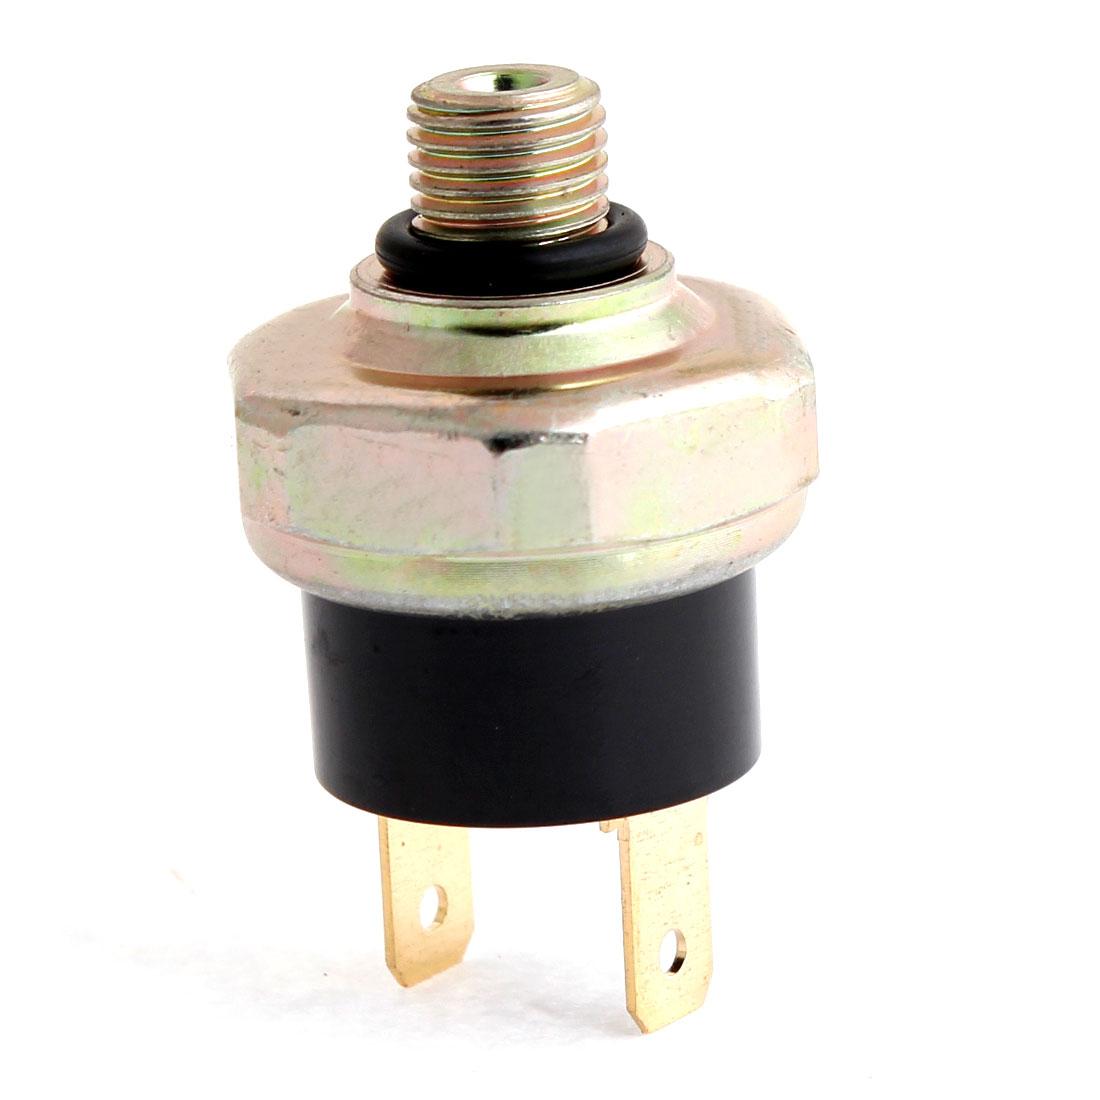 Univercal Car 9mm Dia Thread Air Conditioner Pressure Valve